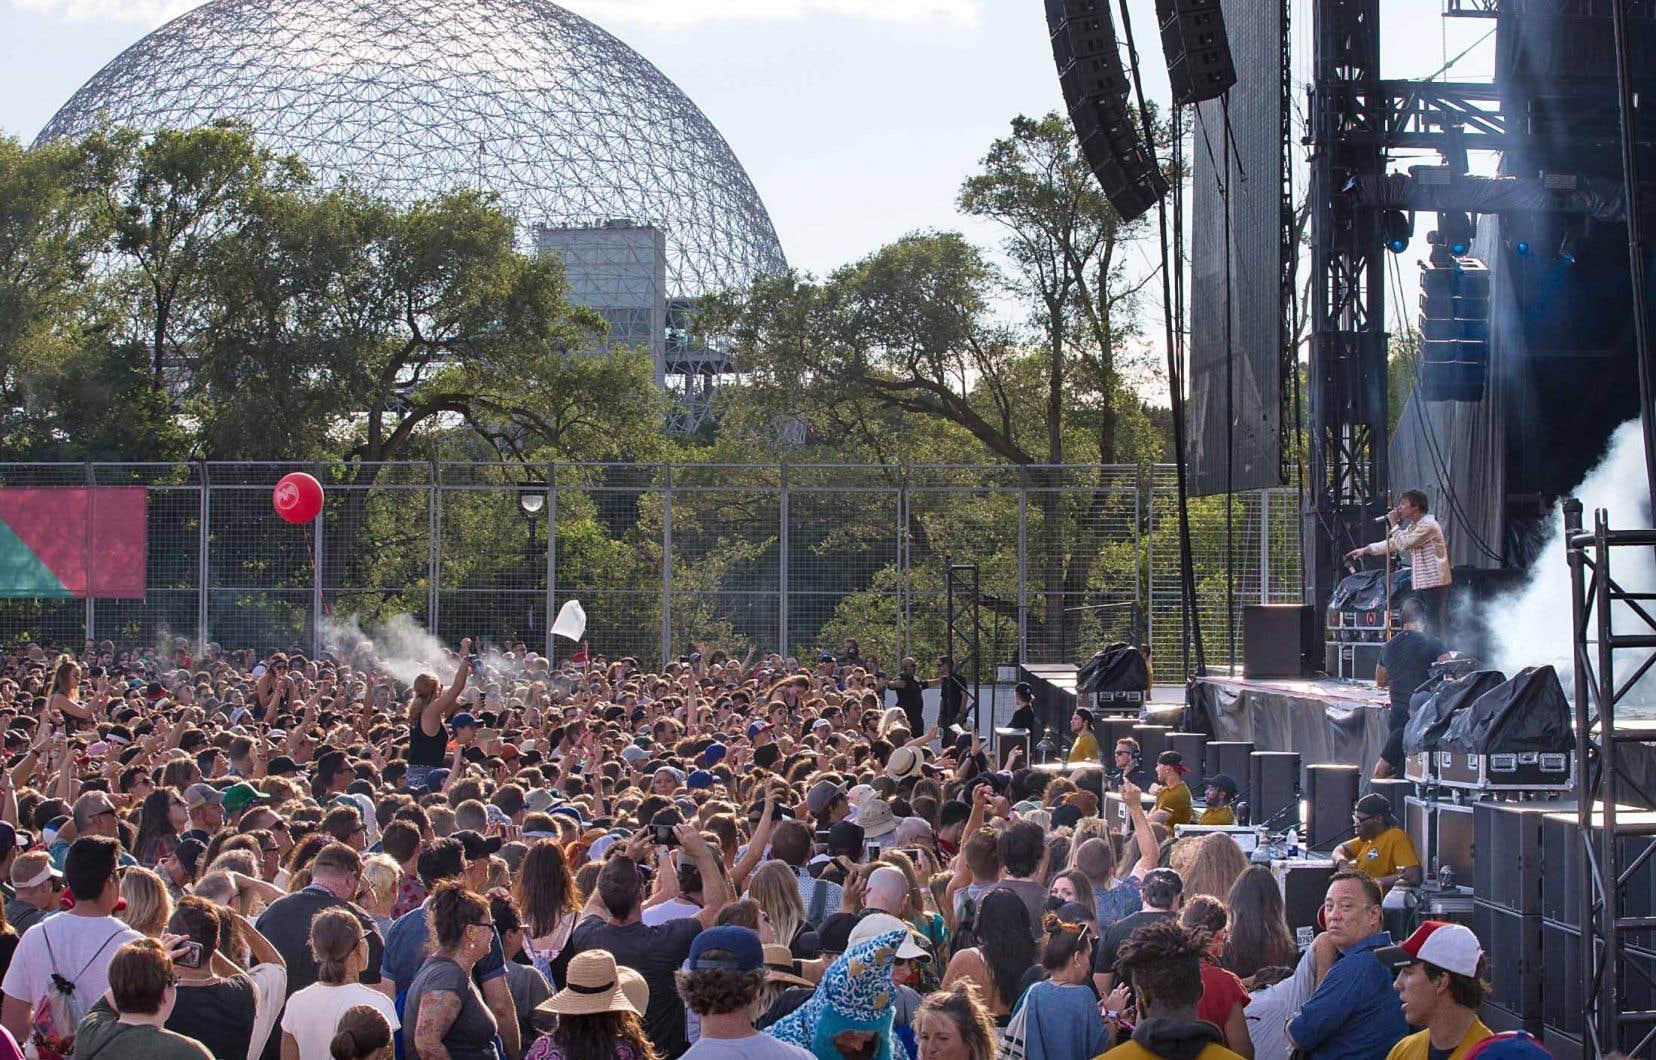 Les résidents de Saint-Lambert se plaignent depuis des années du bruit émanant des spectacles présentés au parc Jean-Drapeau.